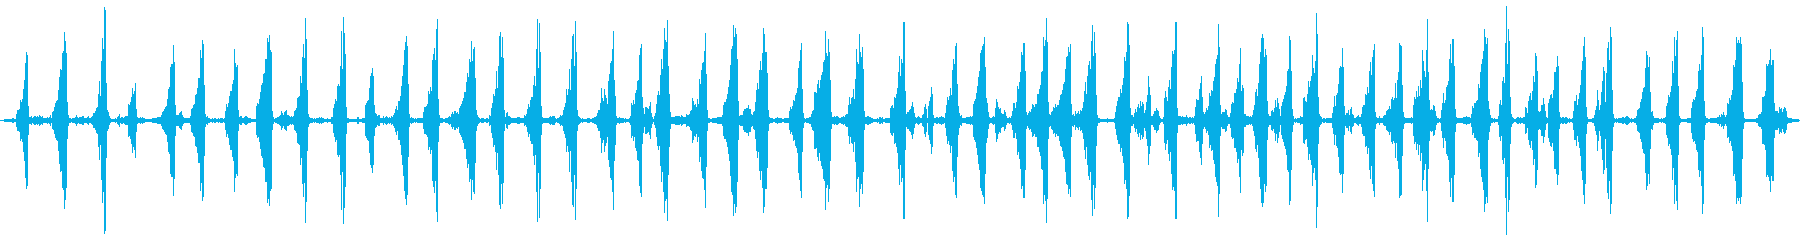 イイジマムシクイのさえずり(長め)の再生済みの波形